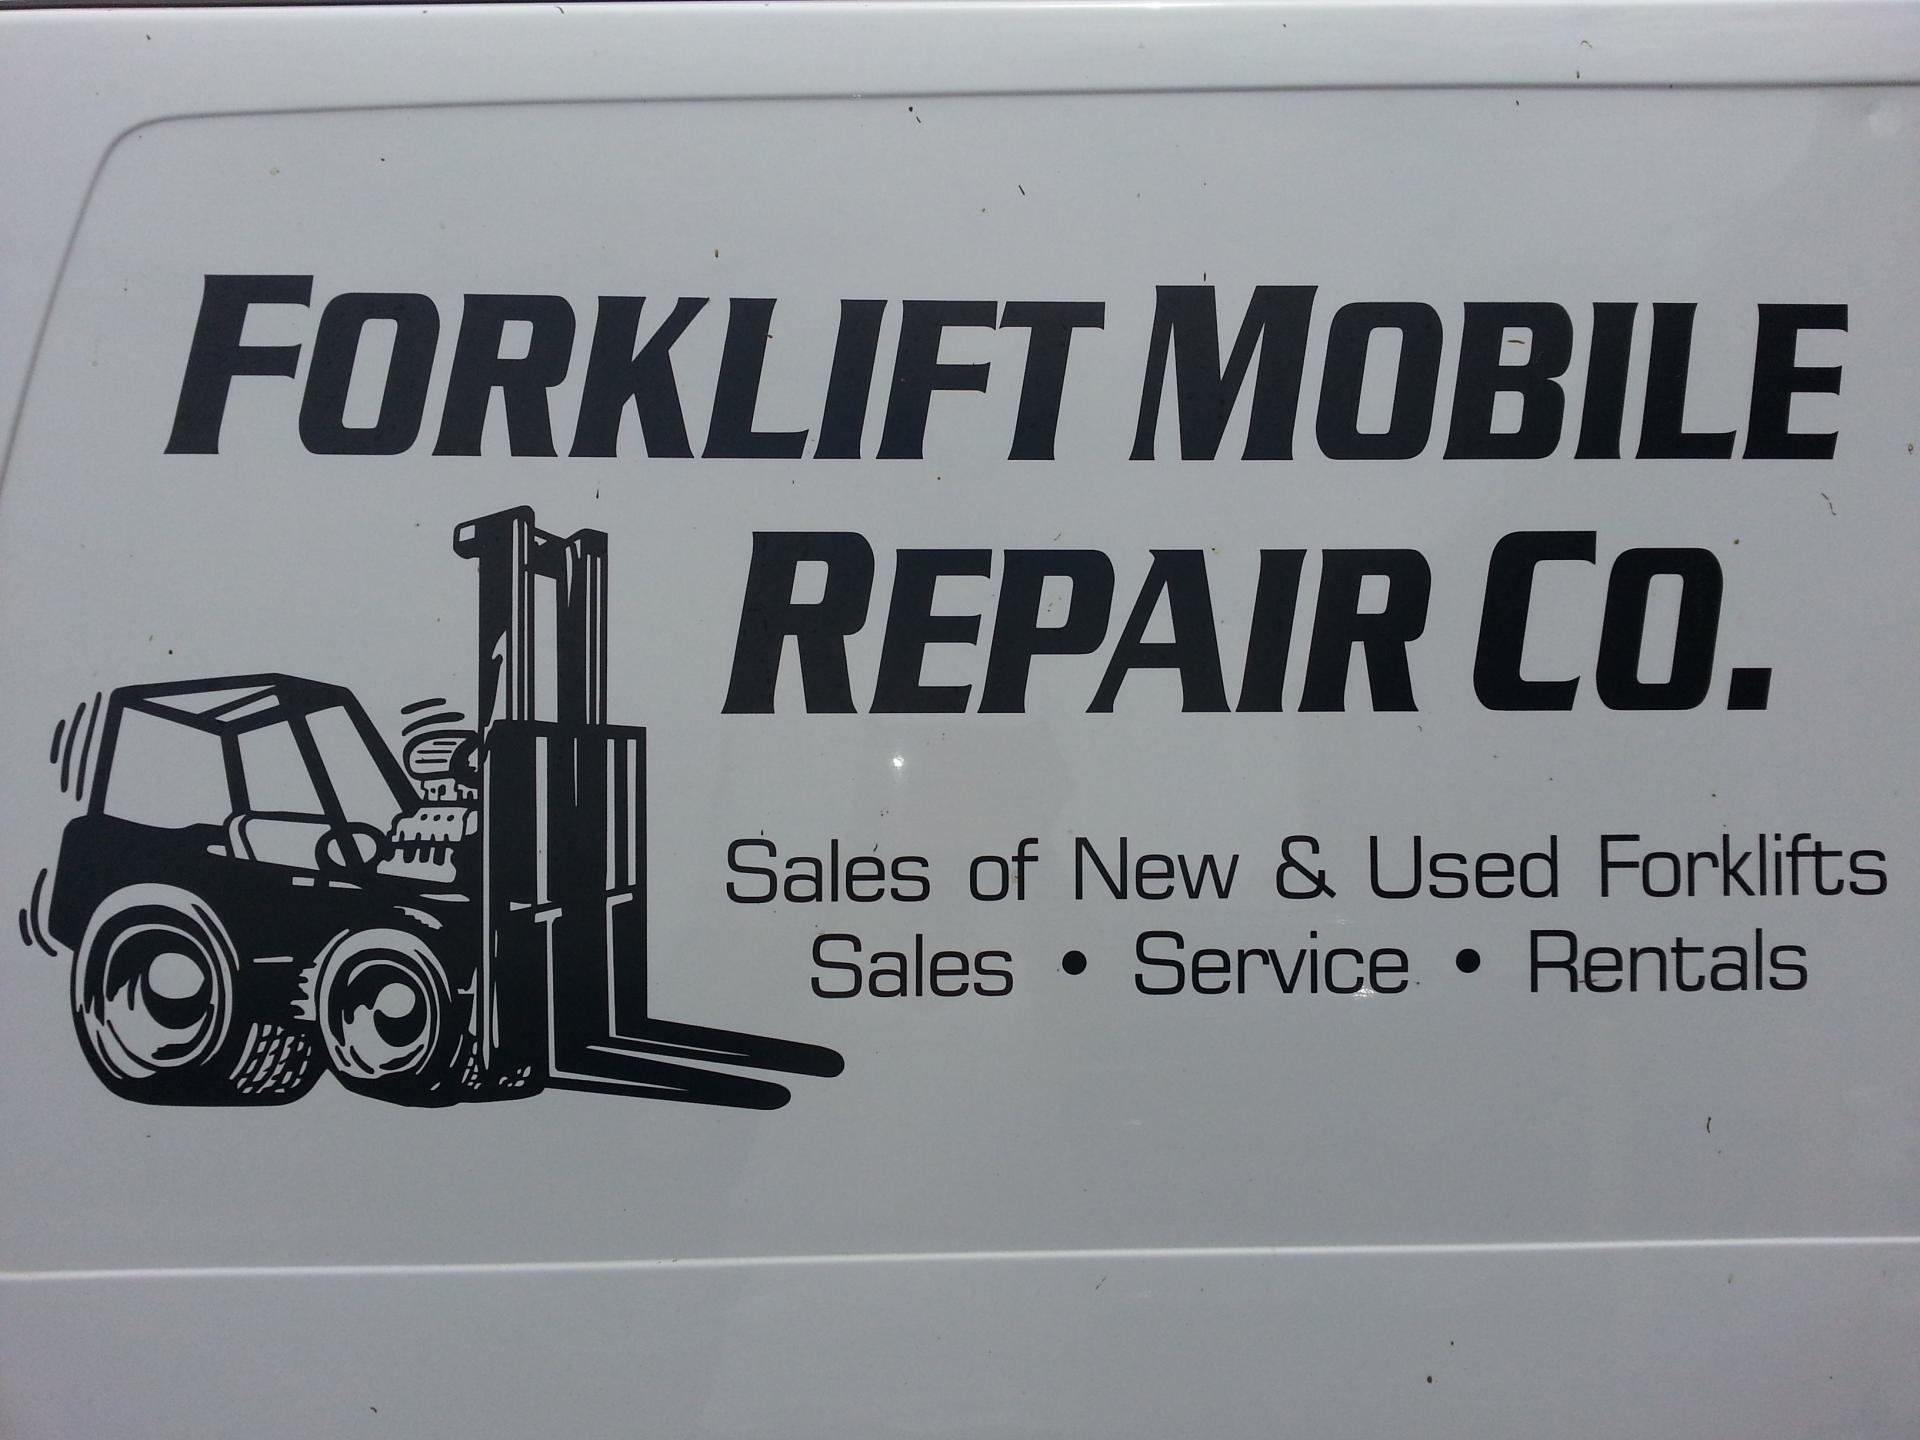 Forklift Mobile Repair